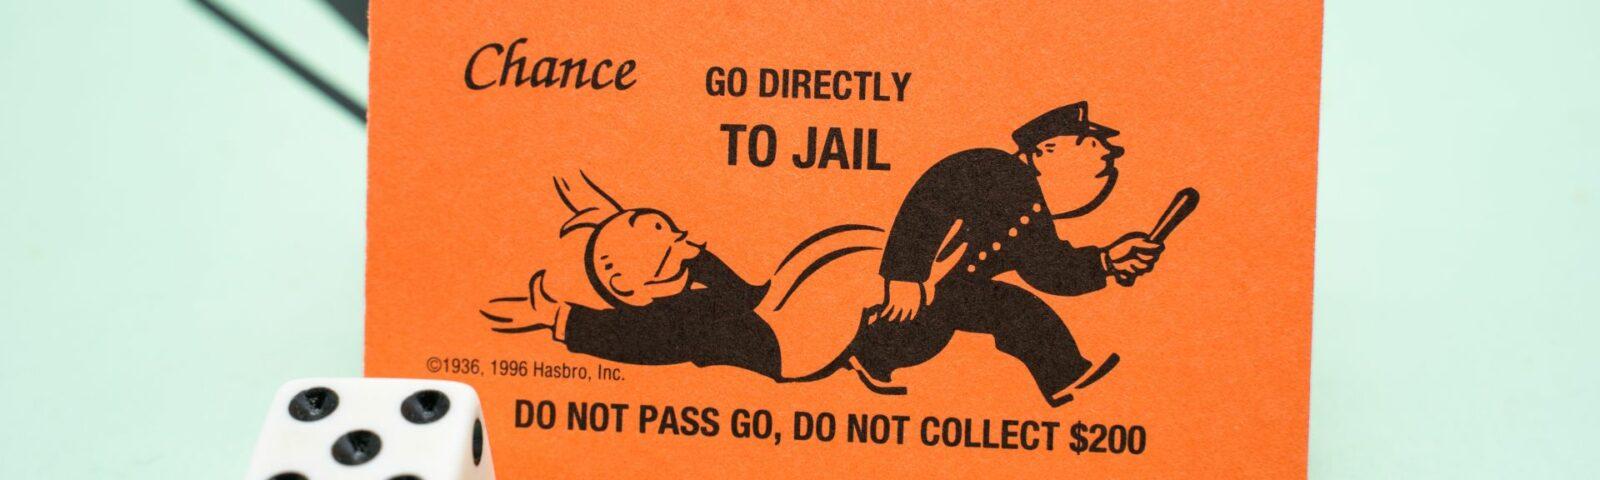 מה דעתכם על הסכמים לכניסה לכלא?